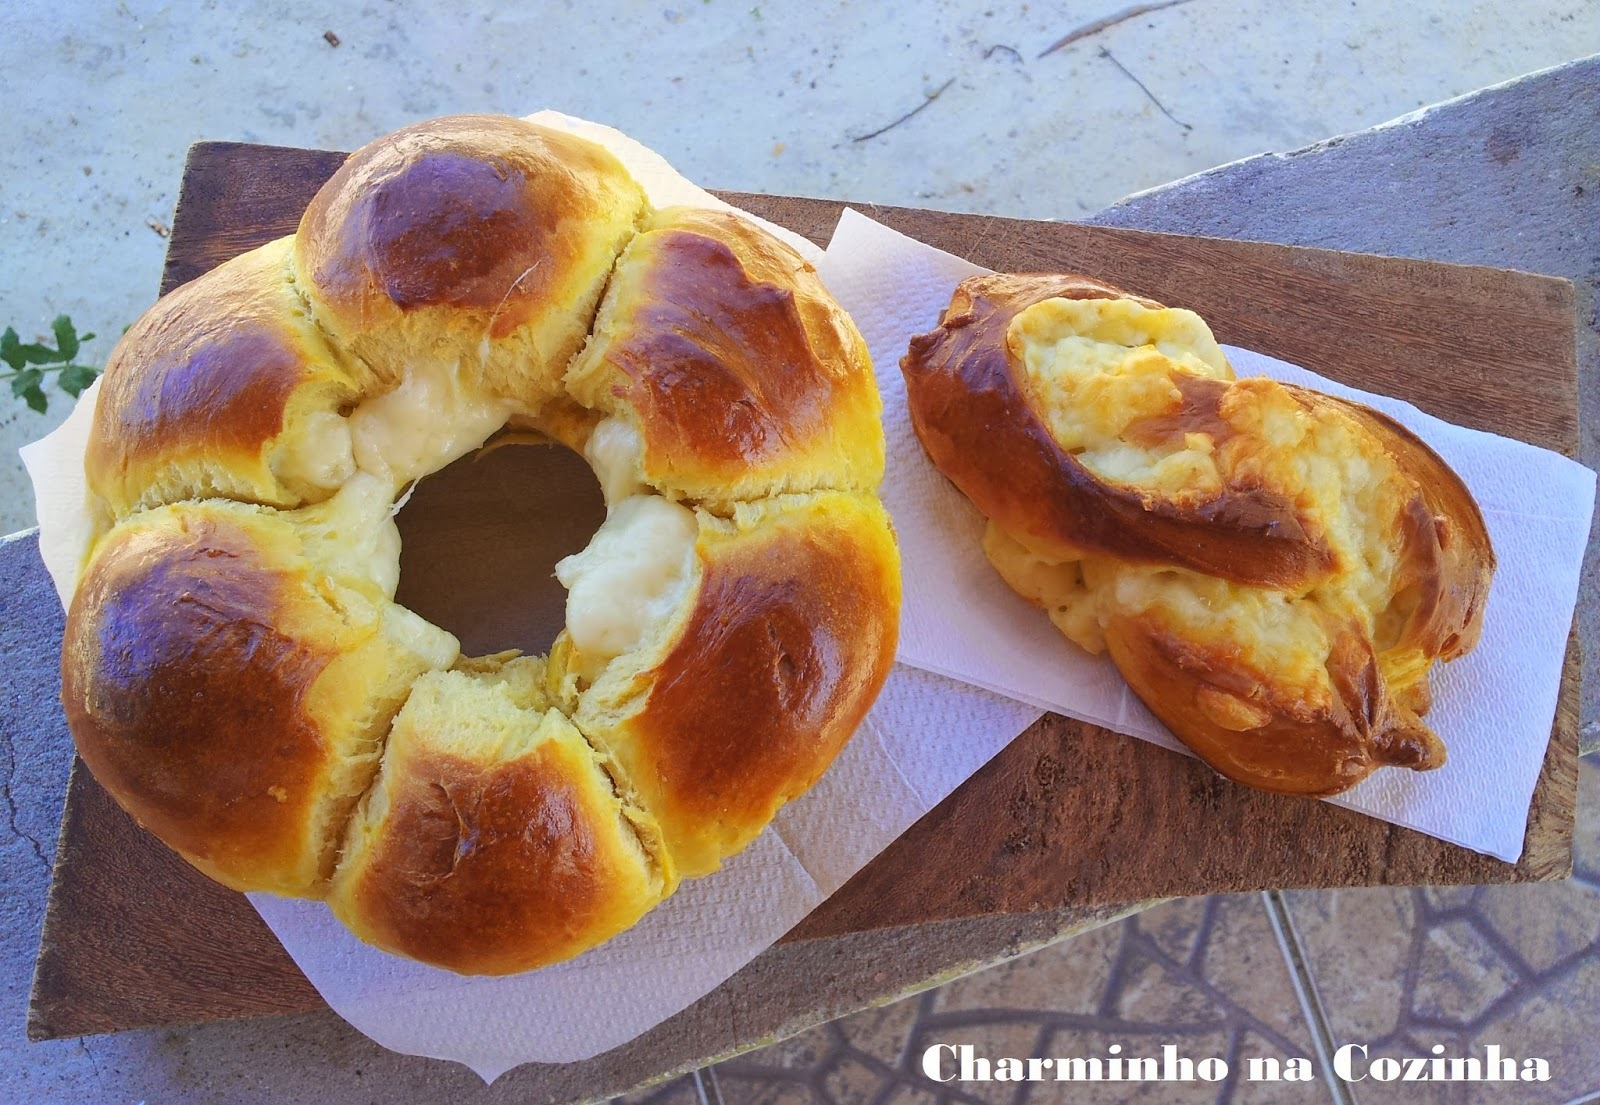 Pão recheado com queijo